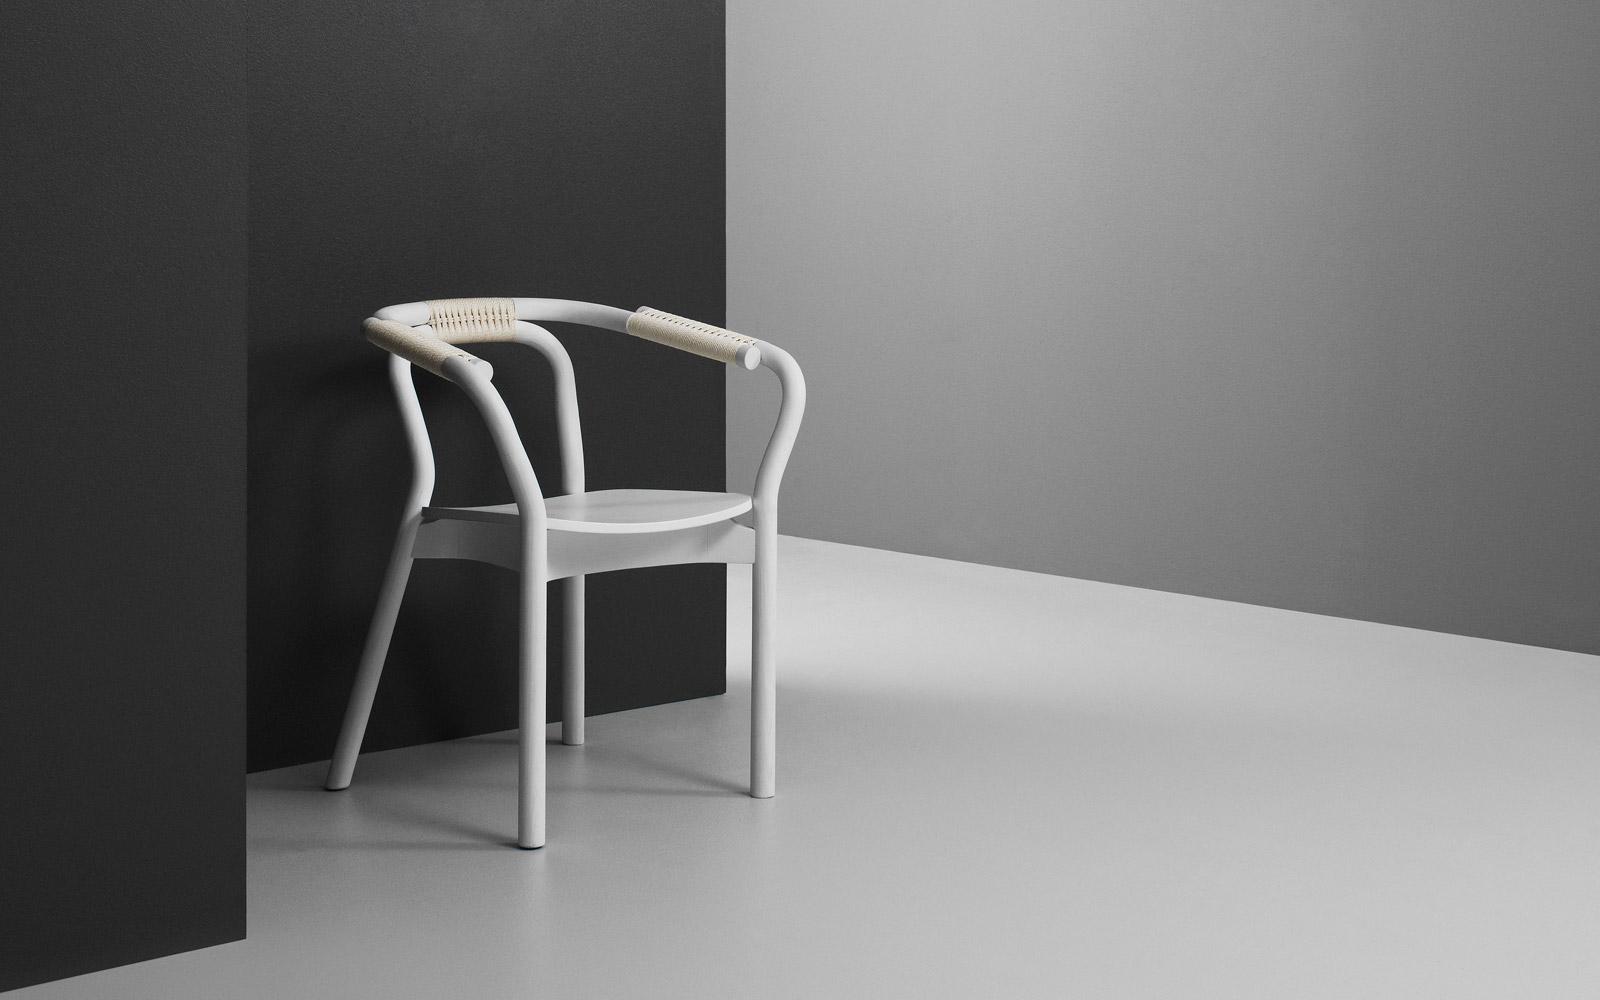 Normann Copenhagen Stoel : Normann copenhagen form chair stuhl mit stahluntergestell